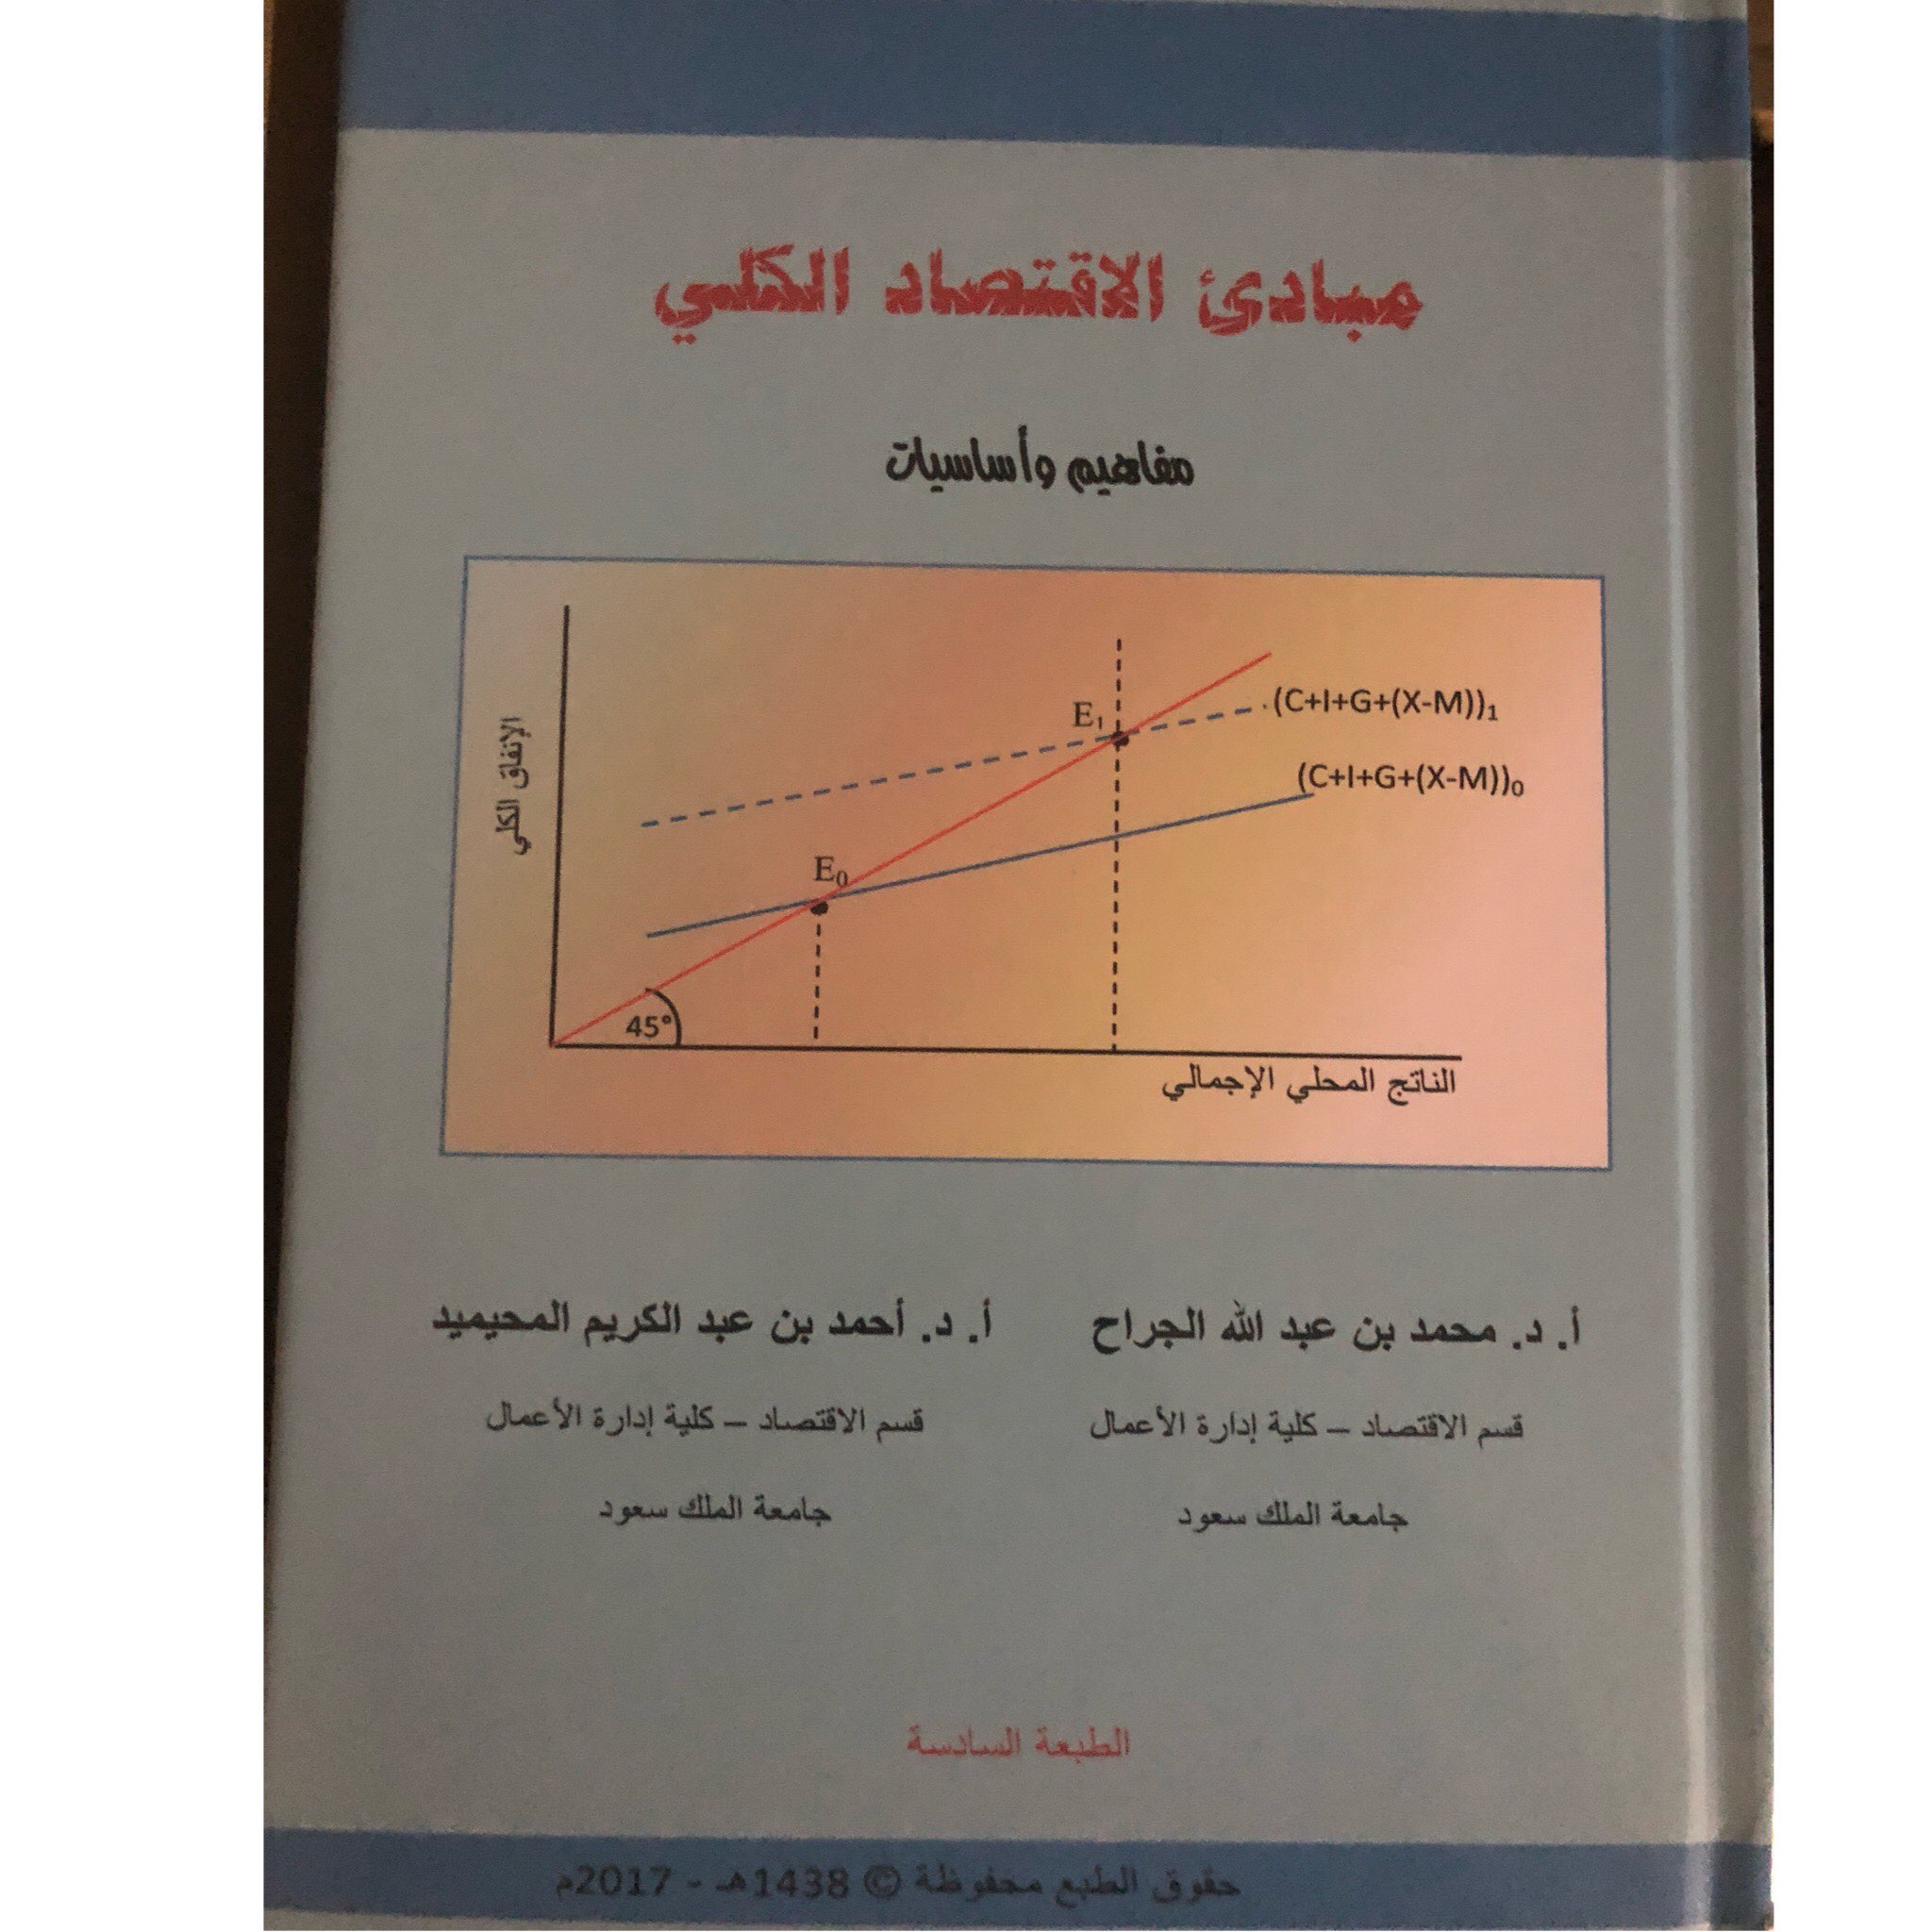 مبادئ الاقتصاد الكلي مفاهيم وأساسيات